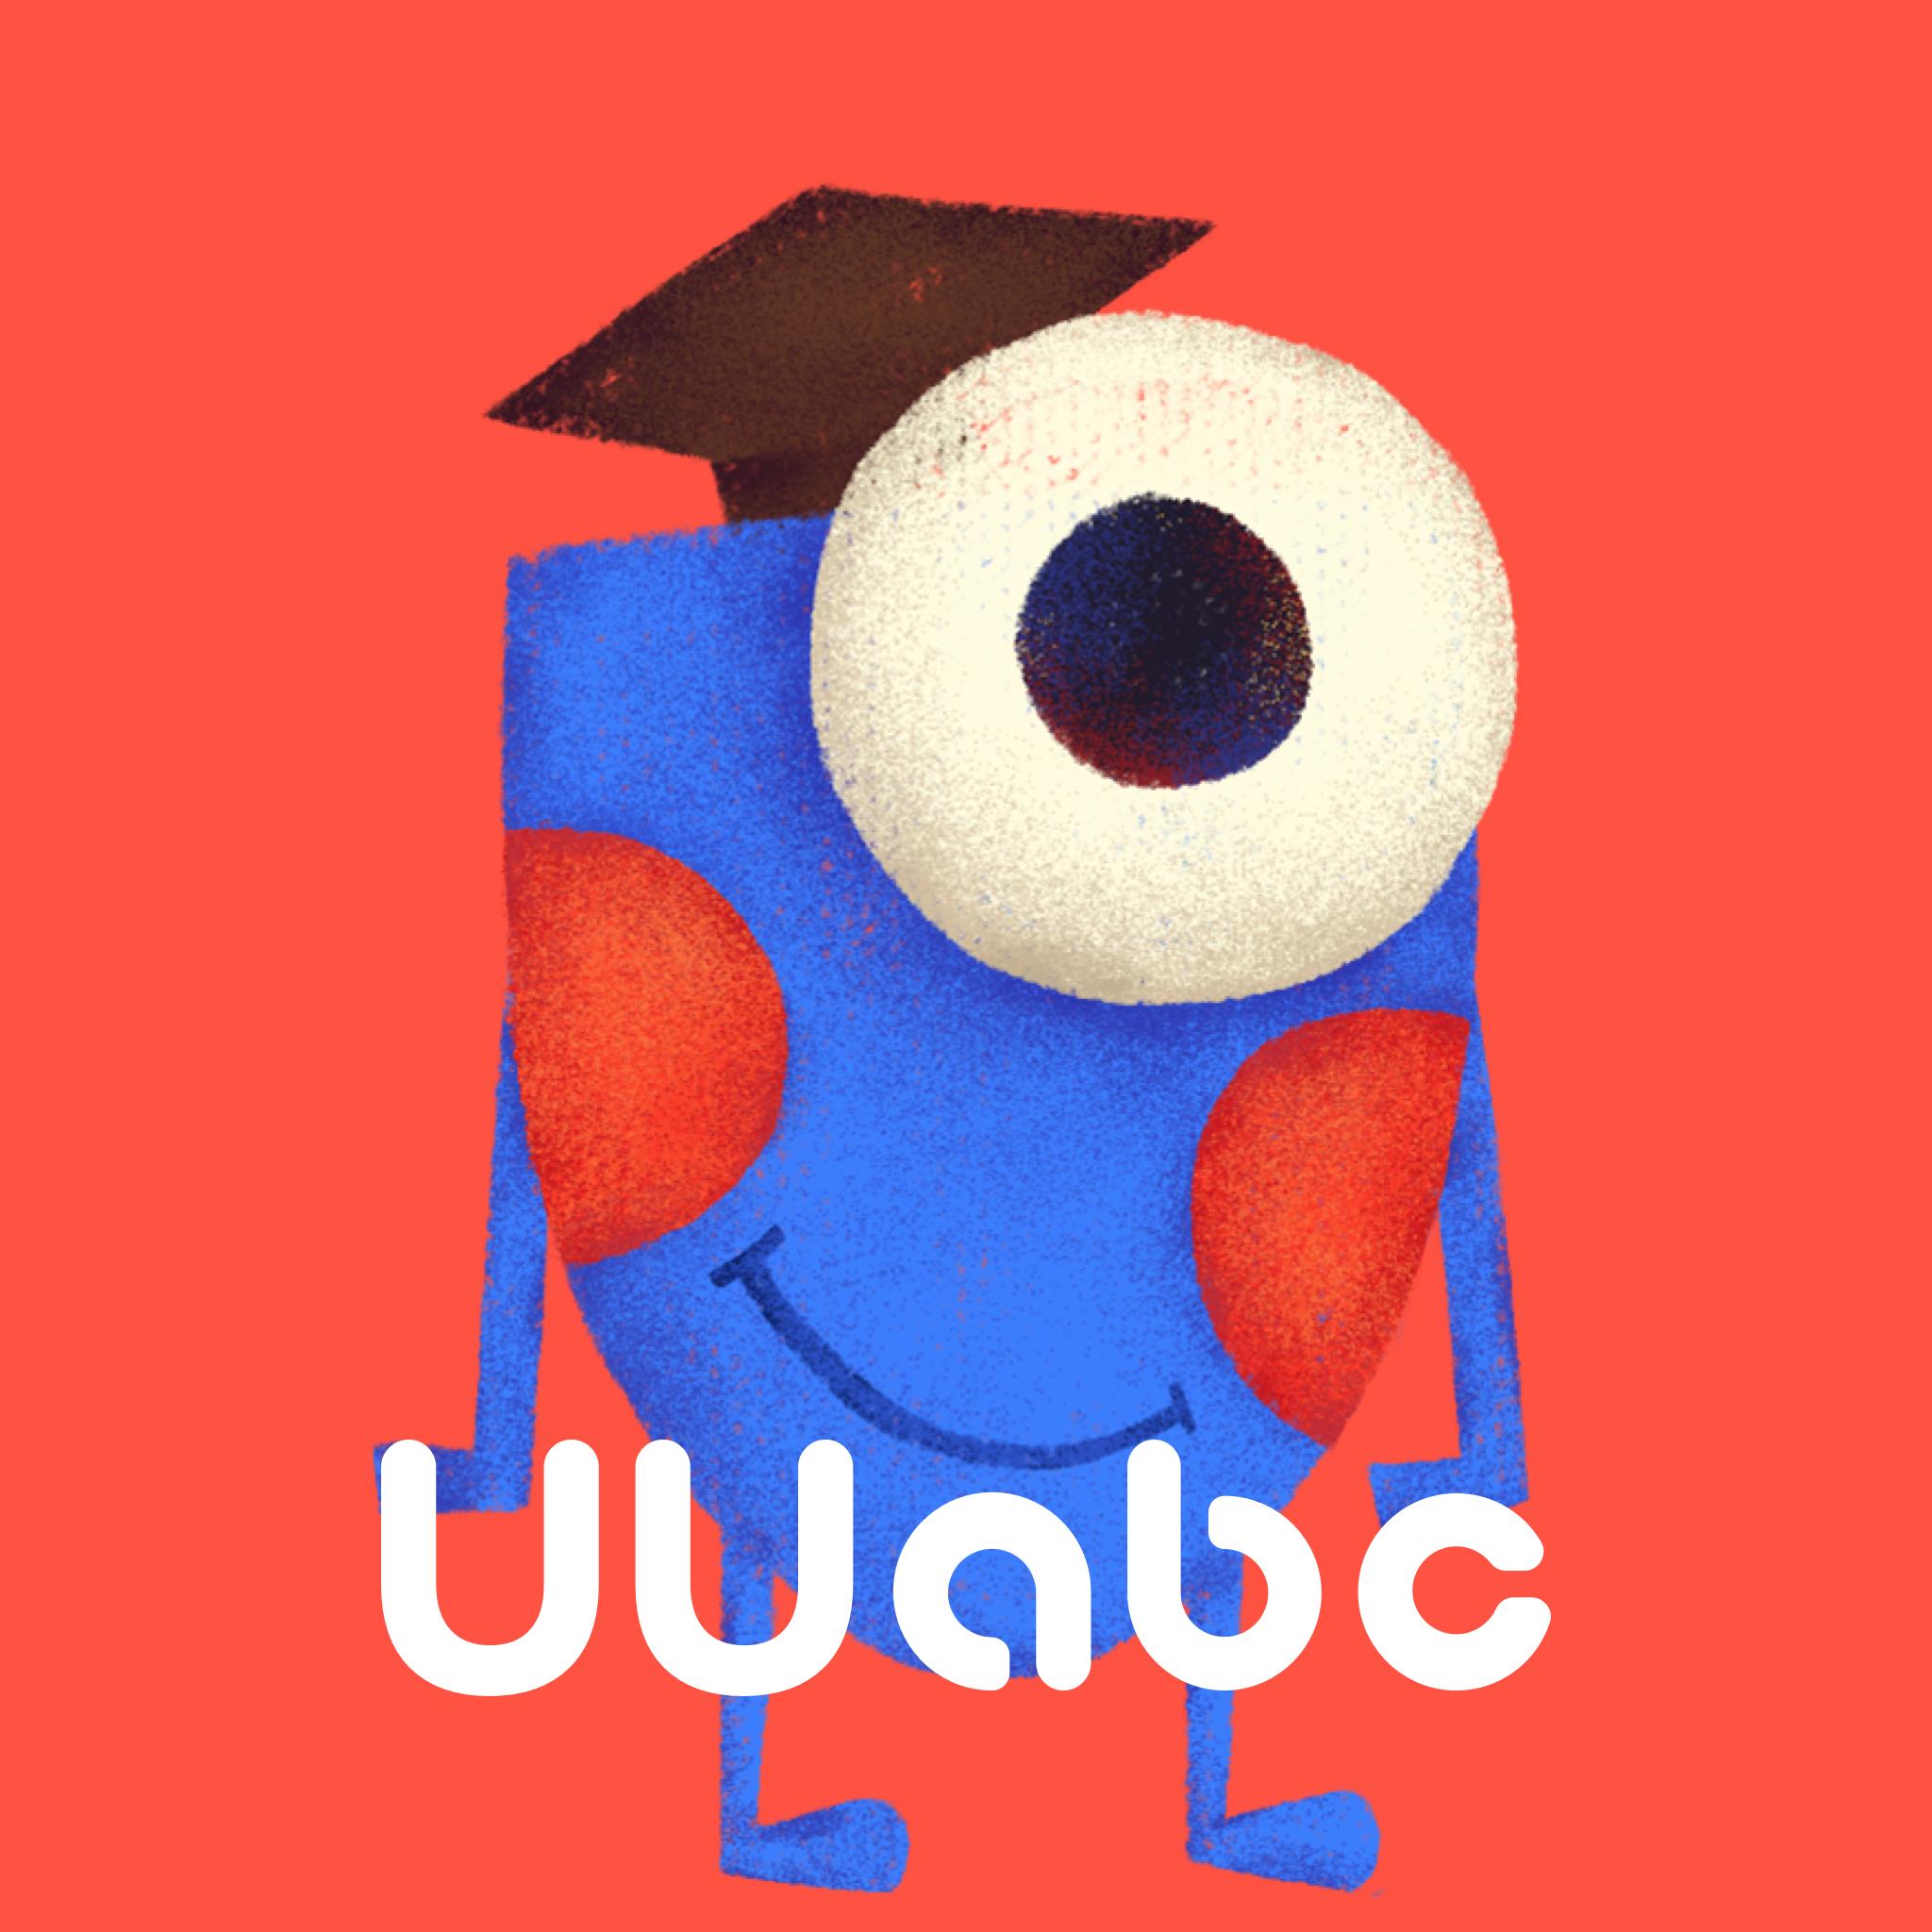 优氏英语(uuabc app)